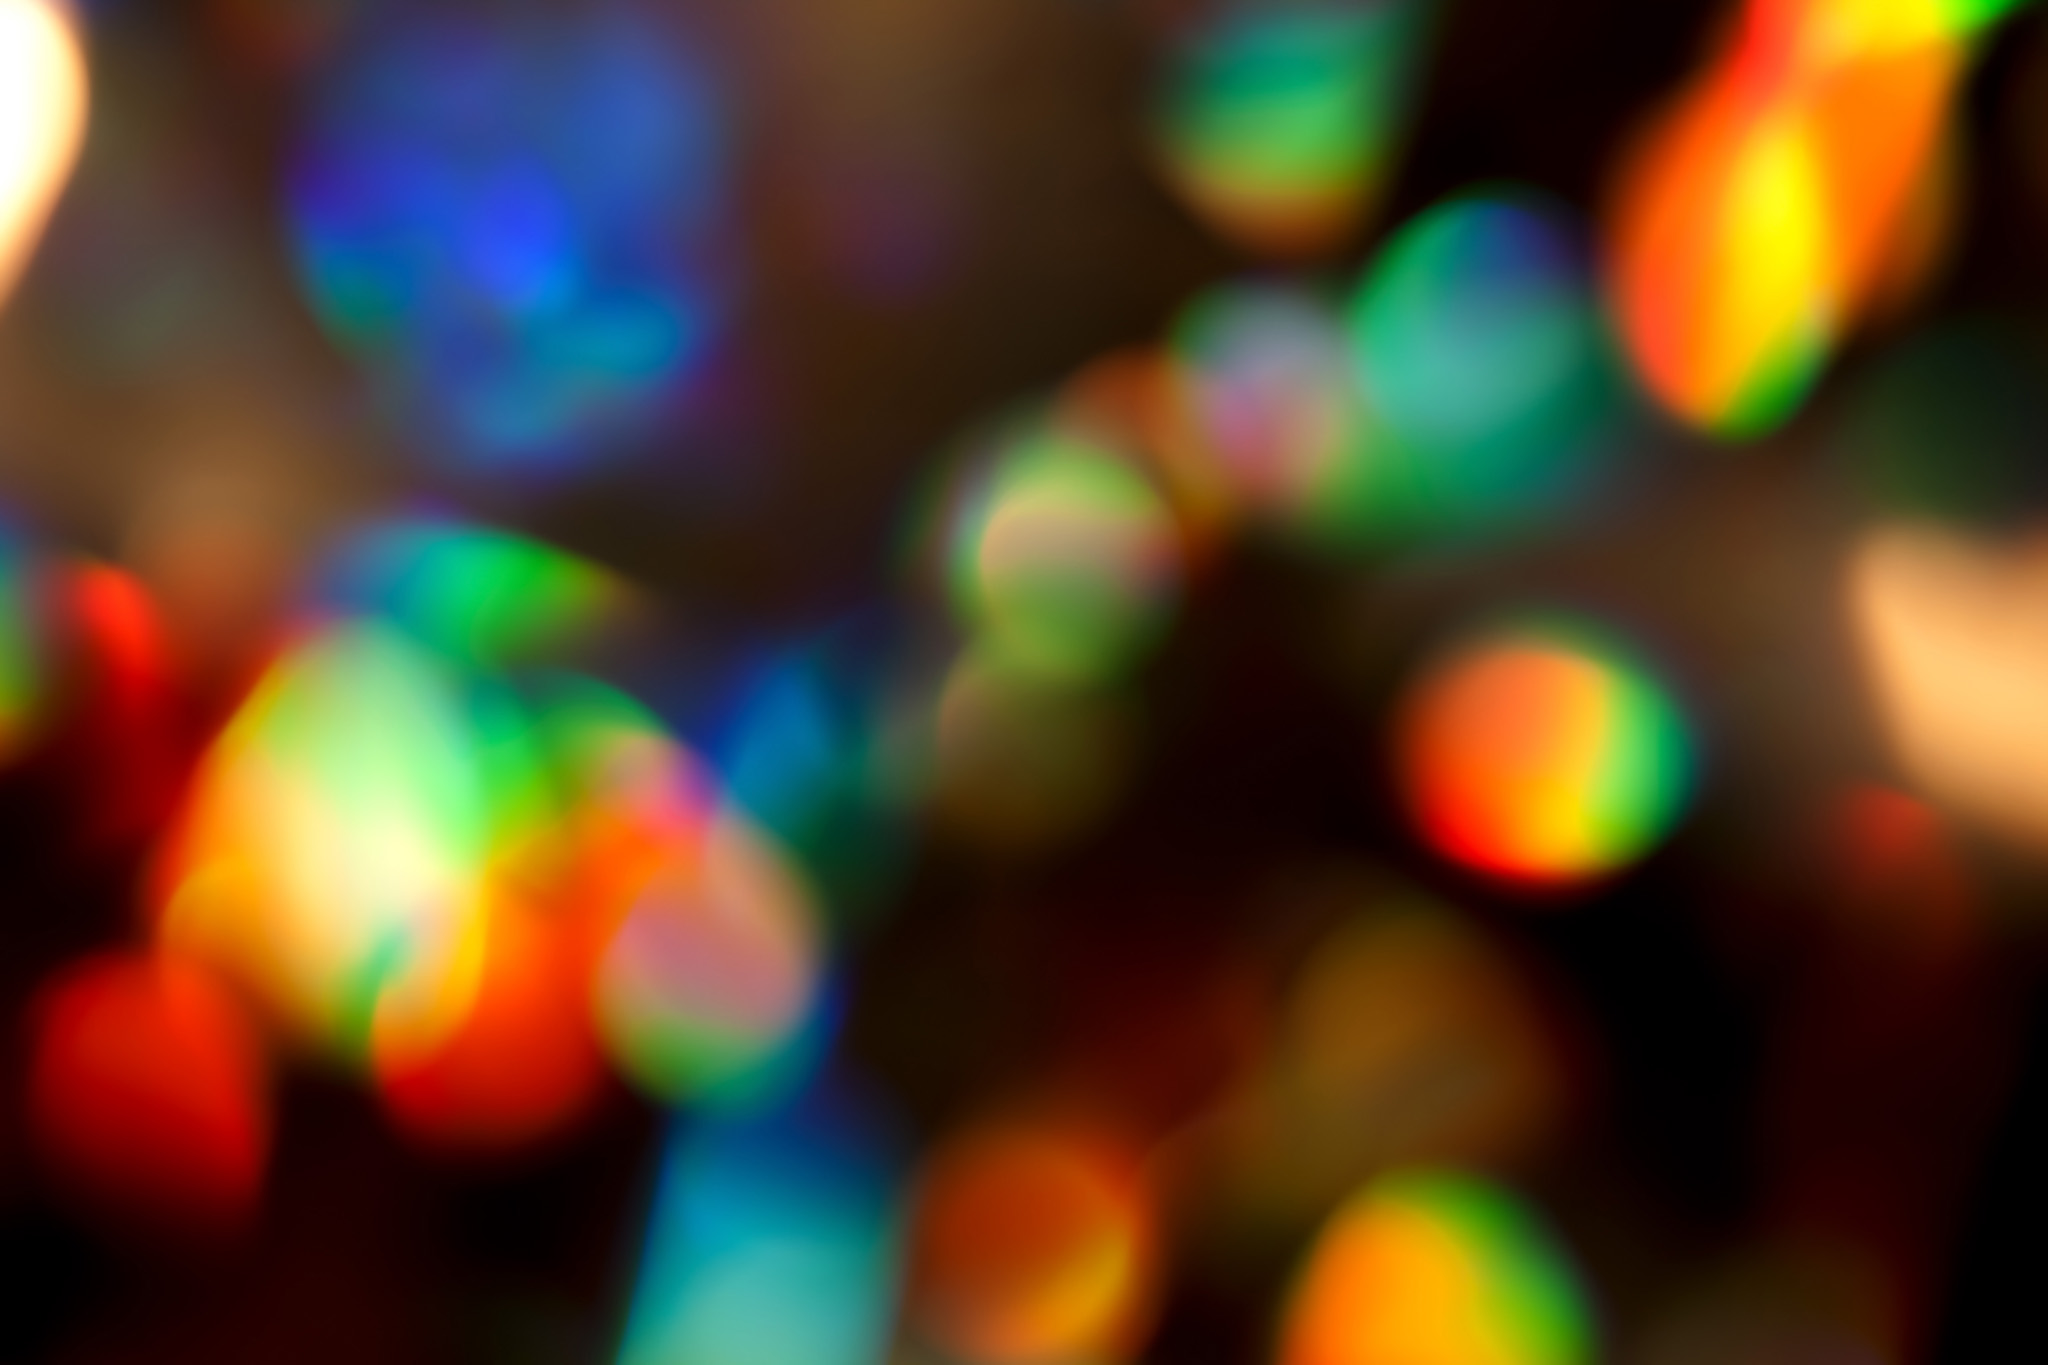 「キラキラとした虹彩」